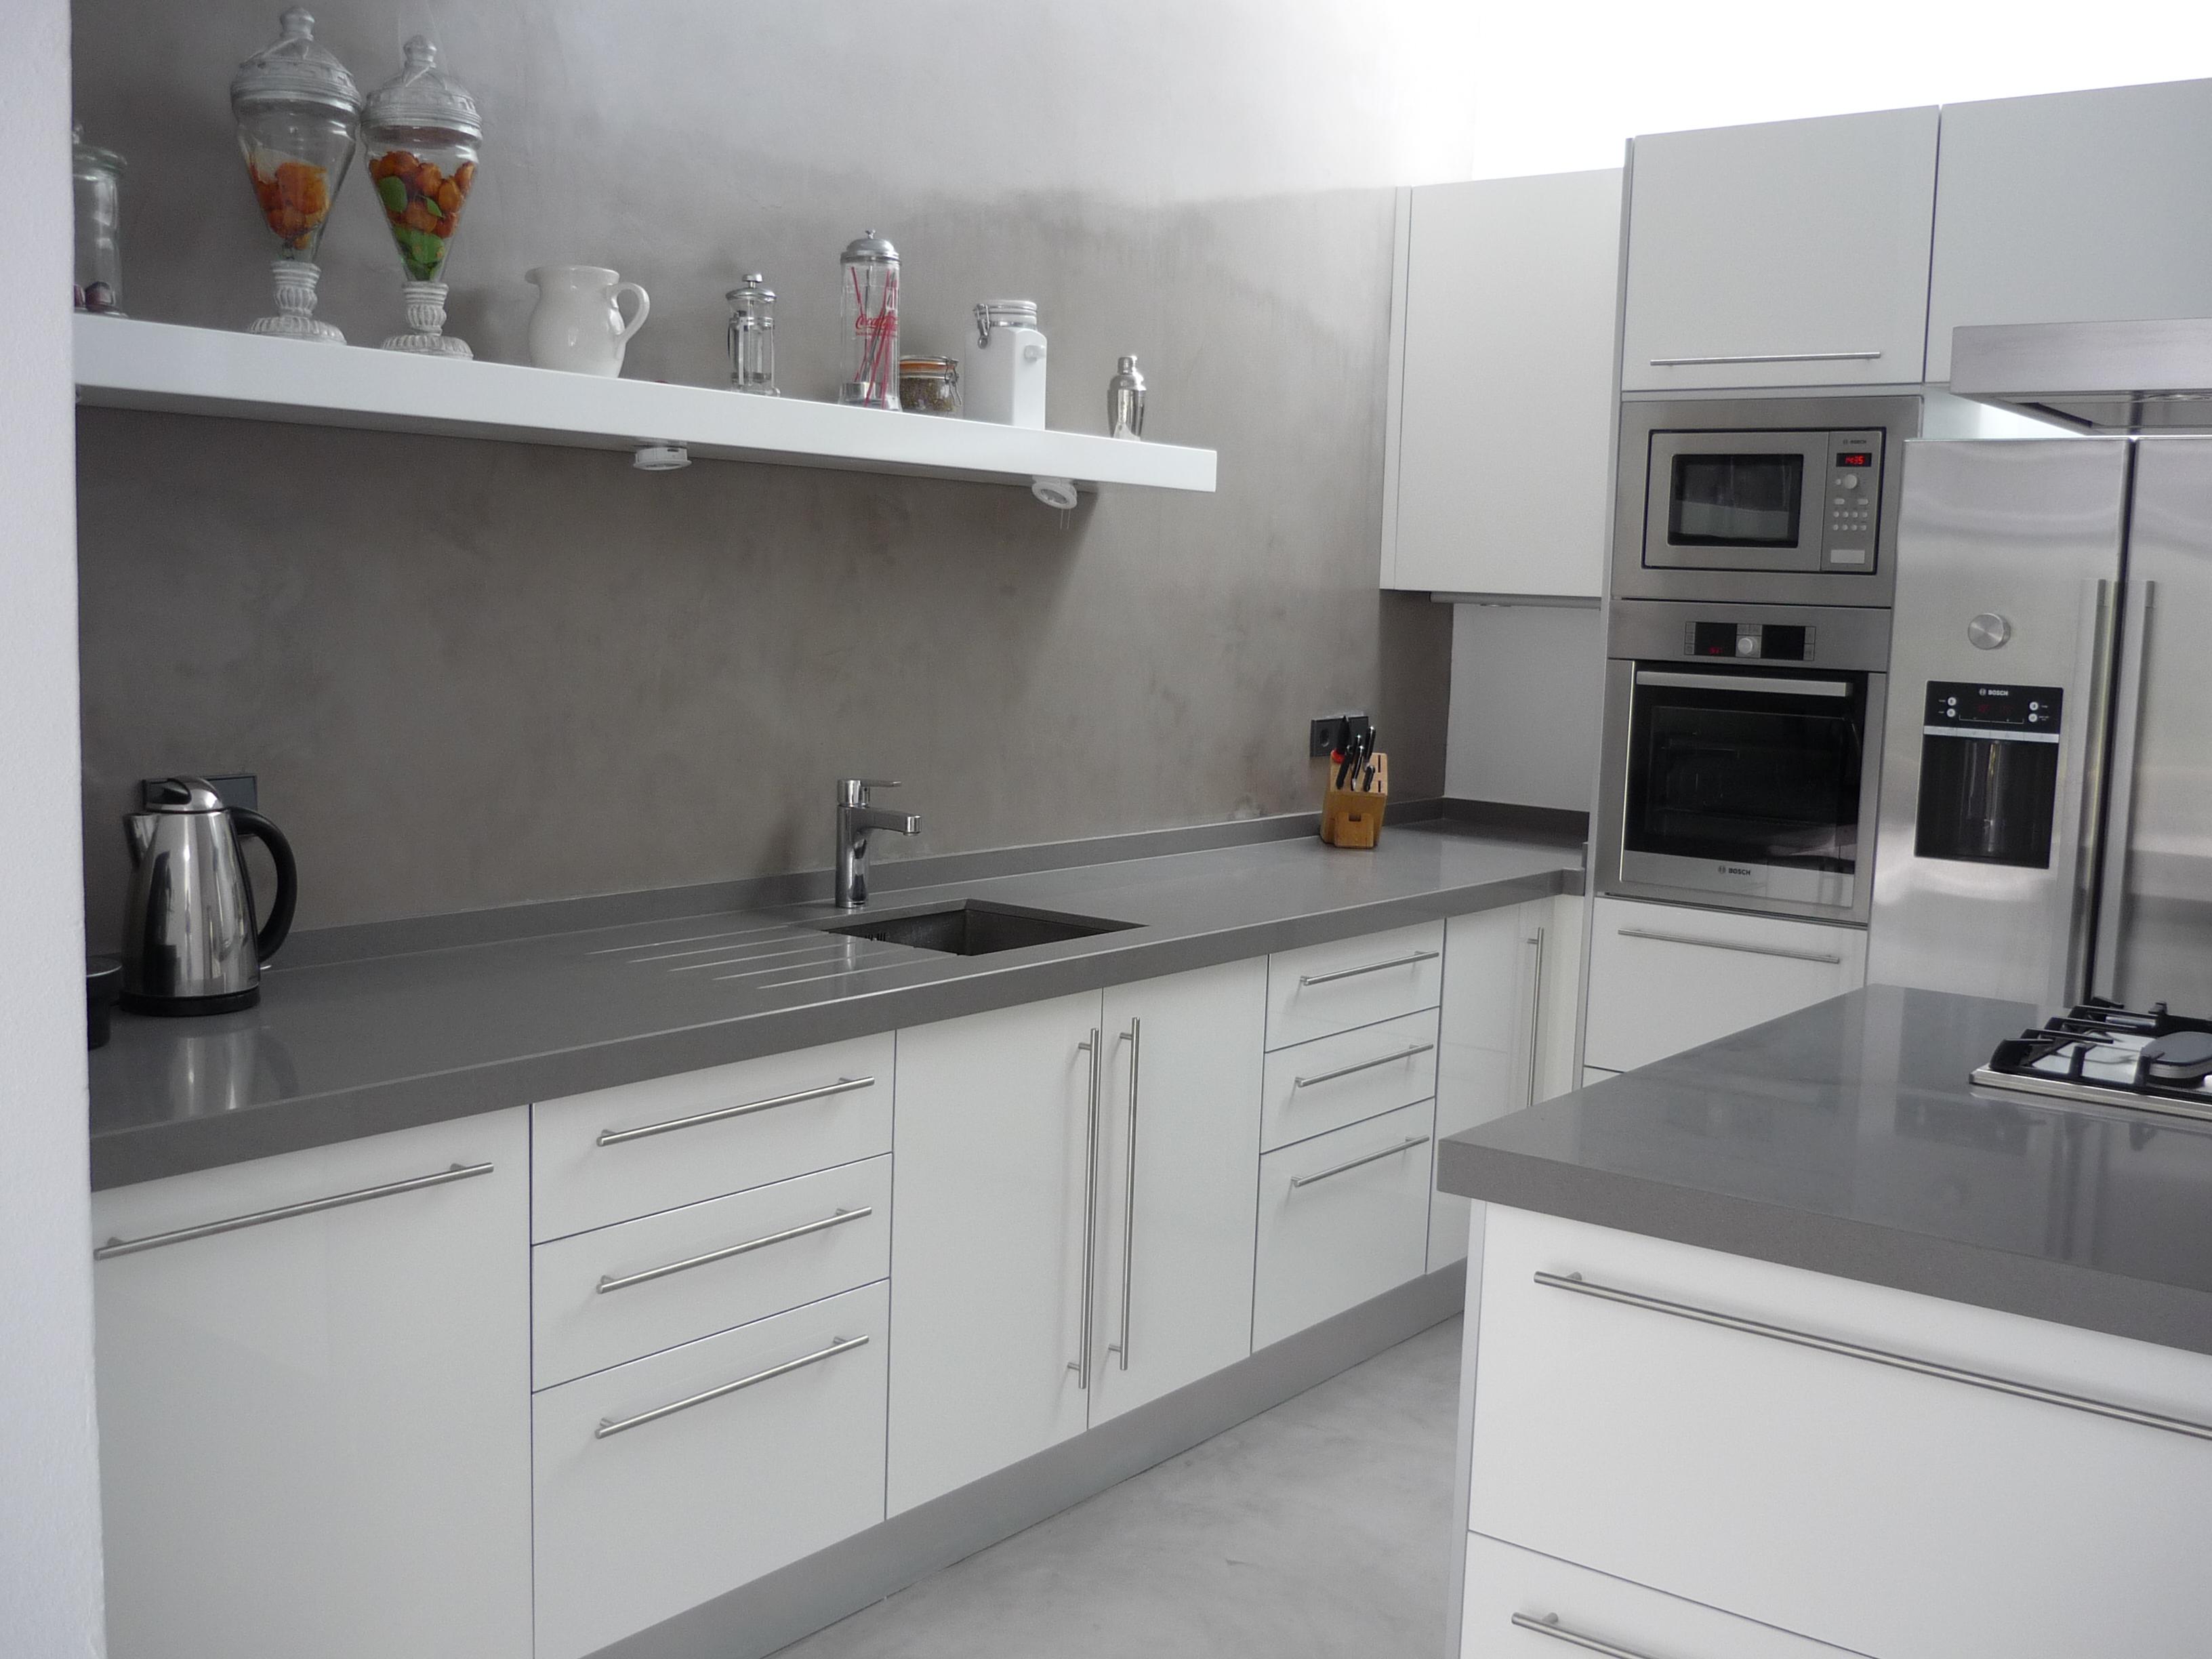 Cocina eivicuines acrilux blanco brillo eivicuines eva for Cocinas blancas y grises fotos